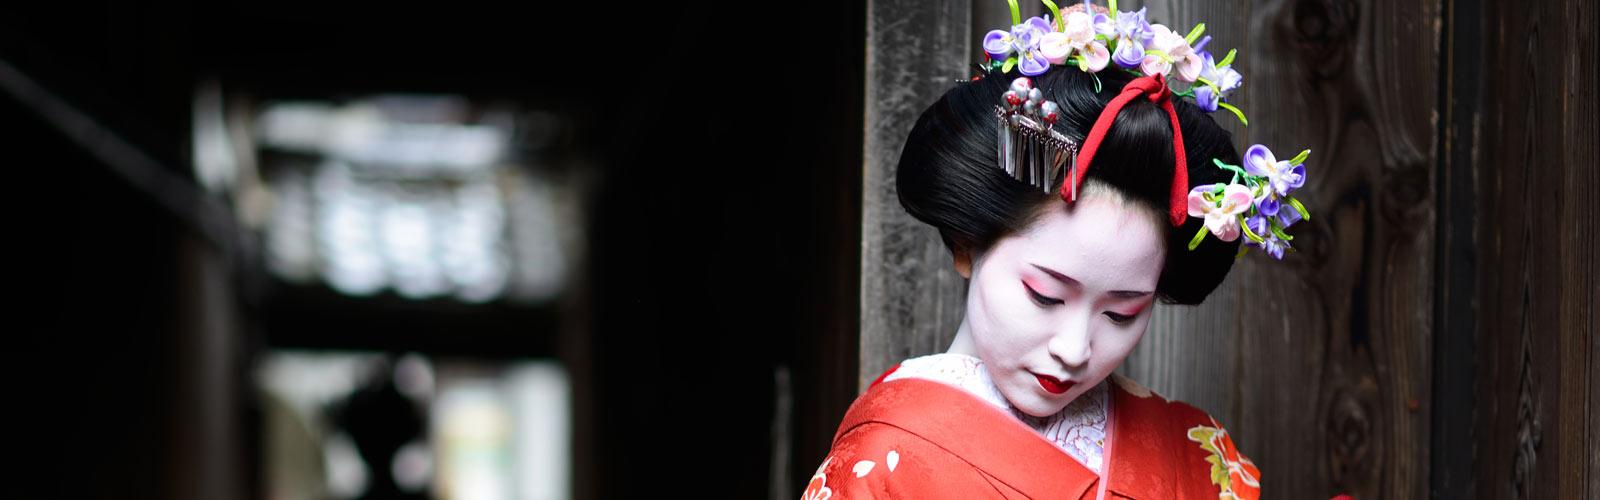 Viaje a Japón. De Ago. a Dic.